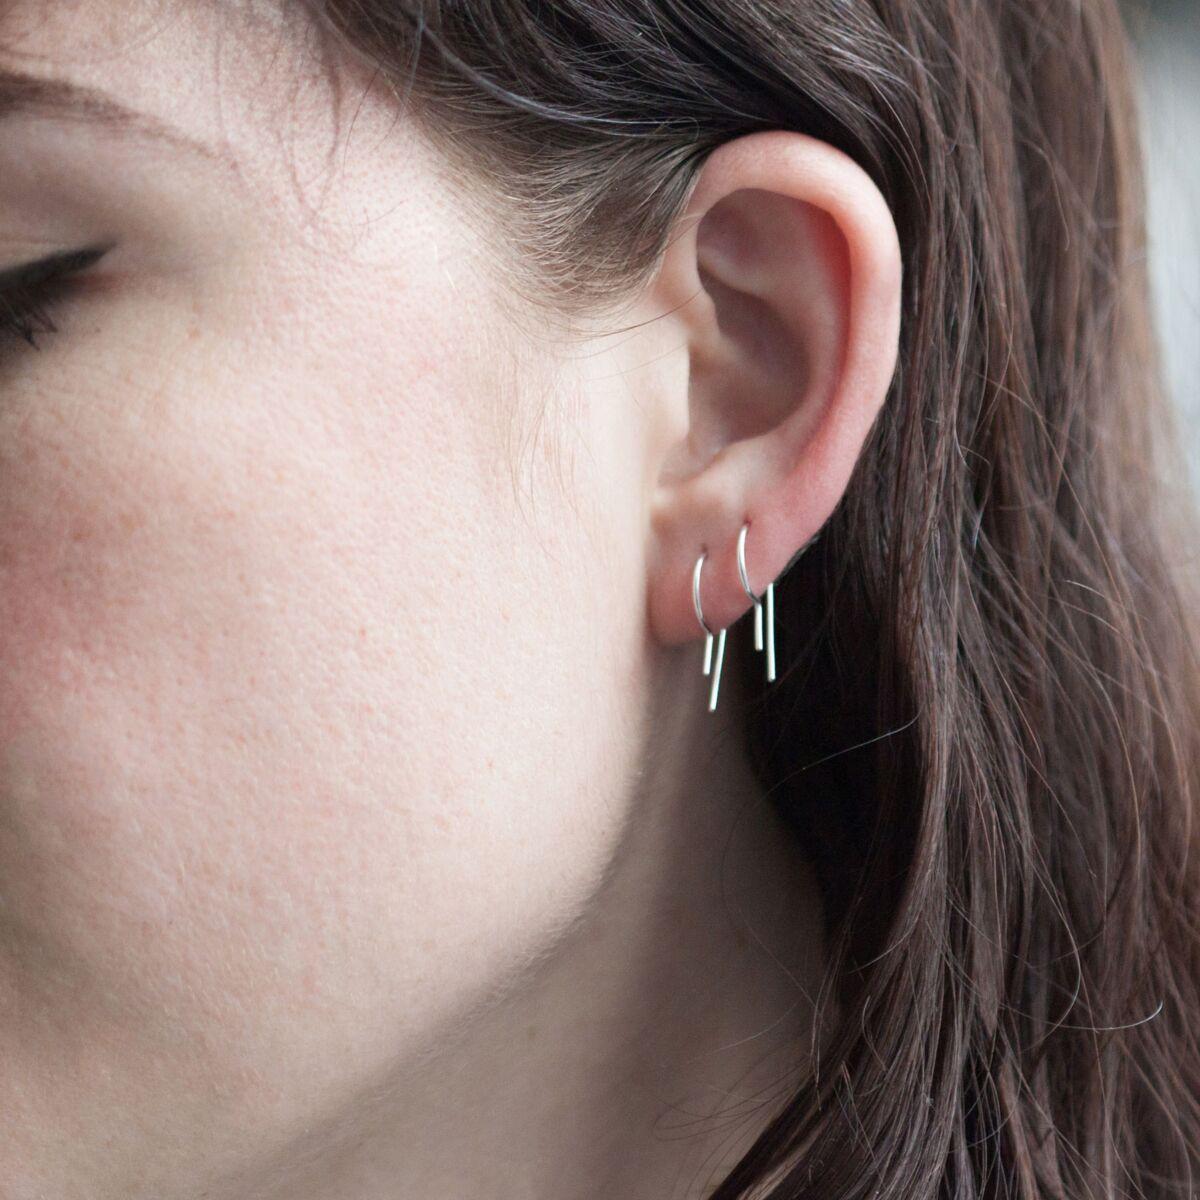 Loopdie Earring Silver (SINGLE) image